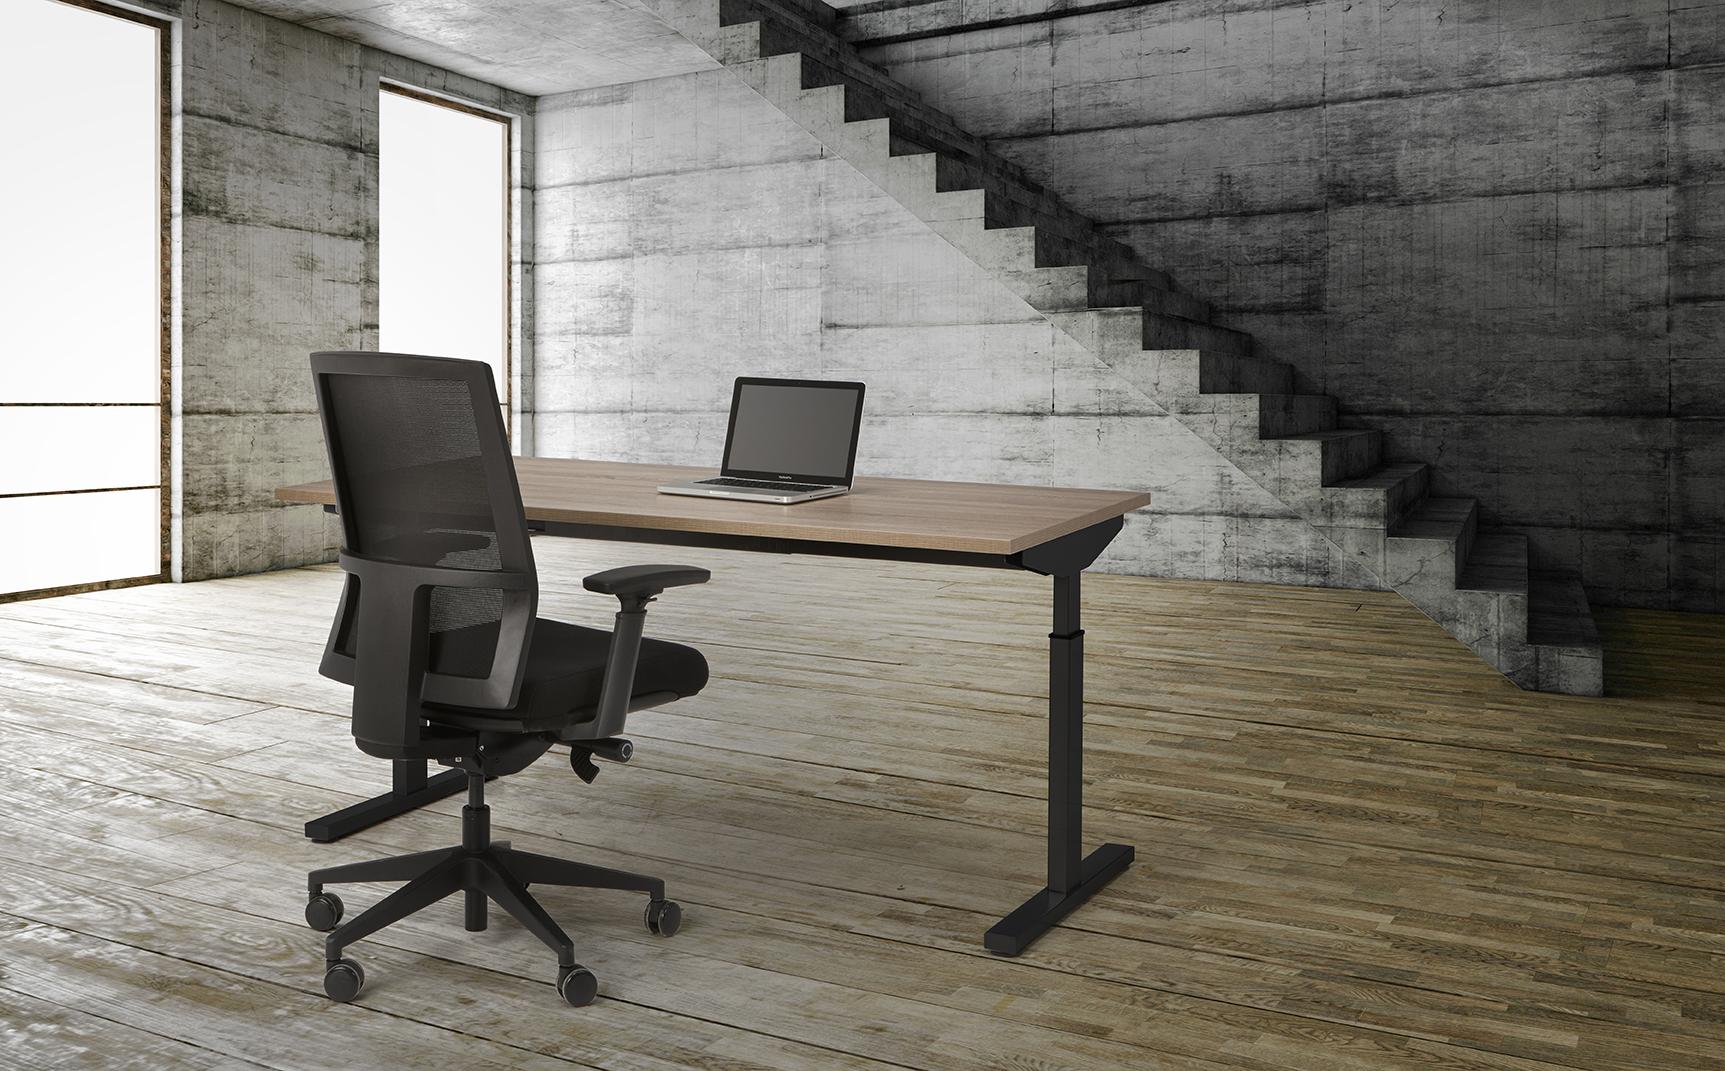 Bureau Sophie 160x80cm - Robson - zwart